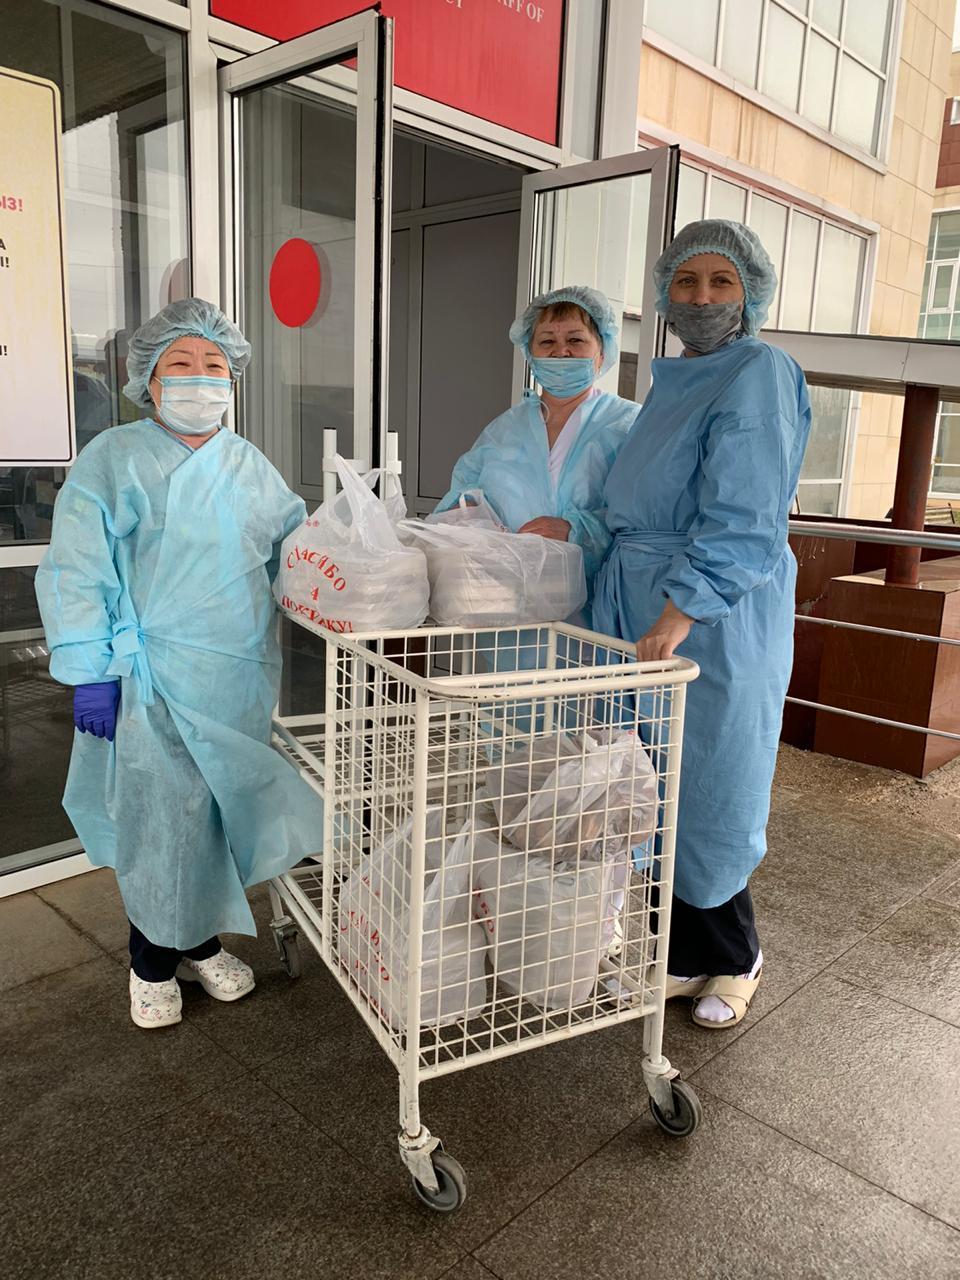 Medical workers were grateful for support.  - Граждане самостоятельно мобилизовать для оказания помощи нуждающимся, координации помощи в Казахстане